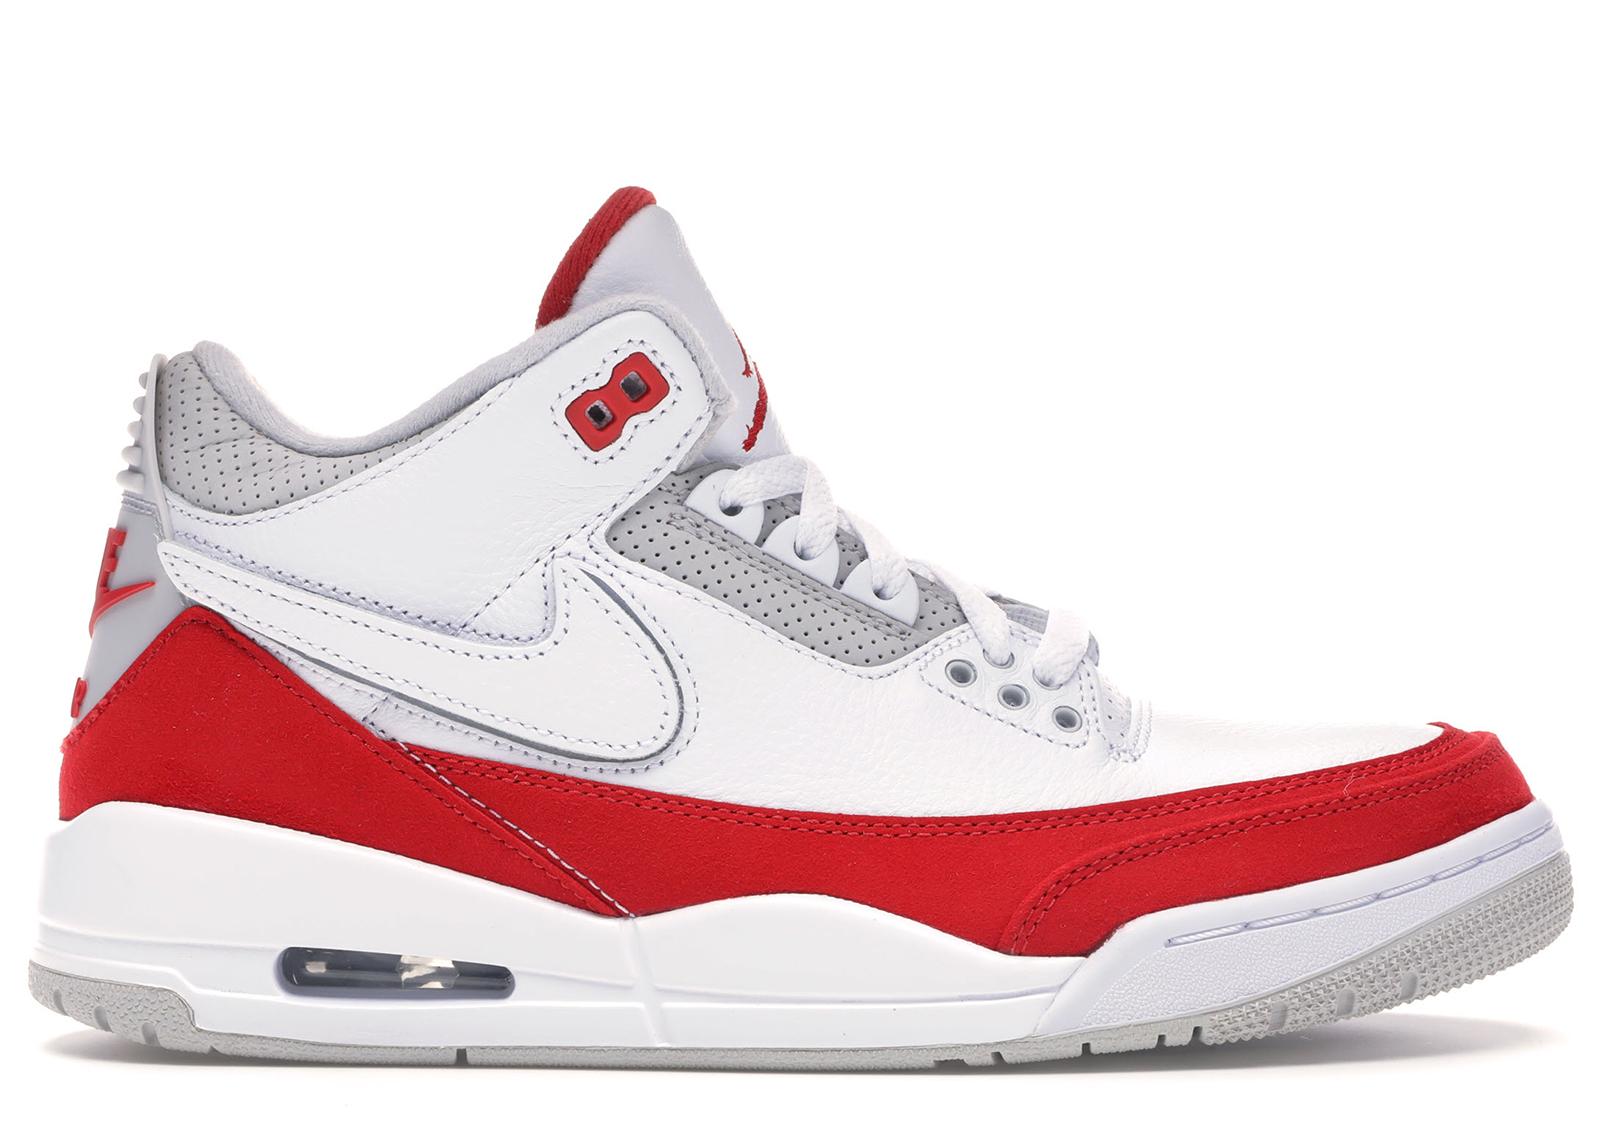 Sneakers Jordan Wihe29yed Air Deadstock Shoesamp; Buy 54AcjLS3Rq